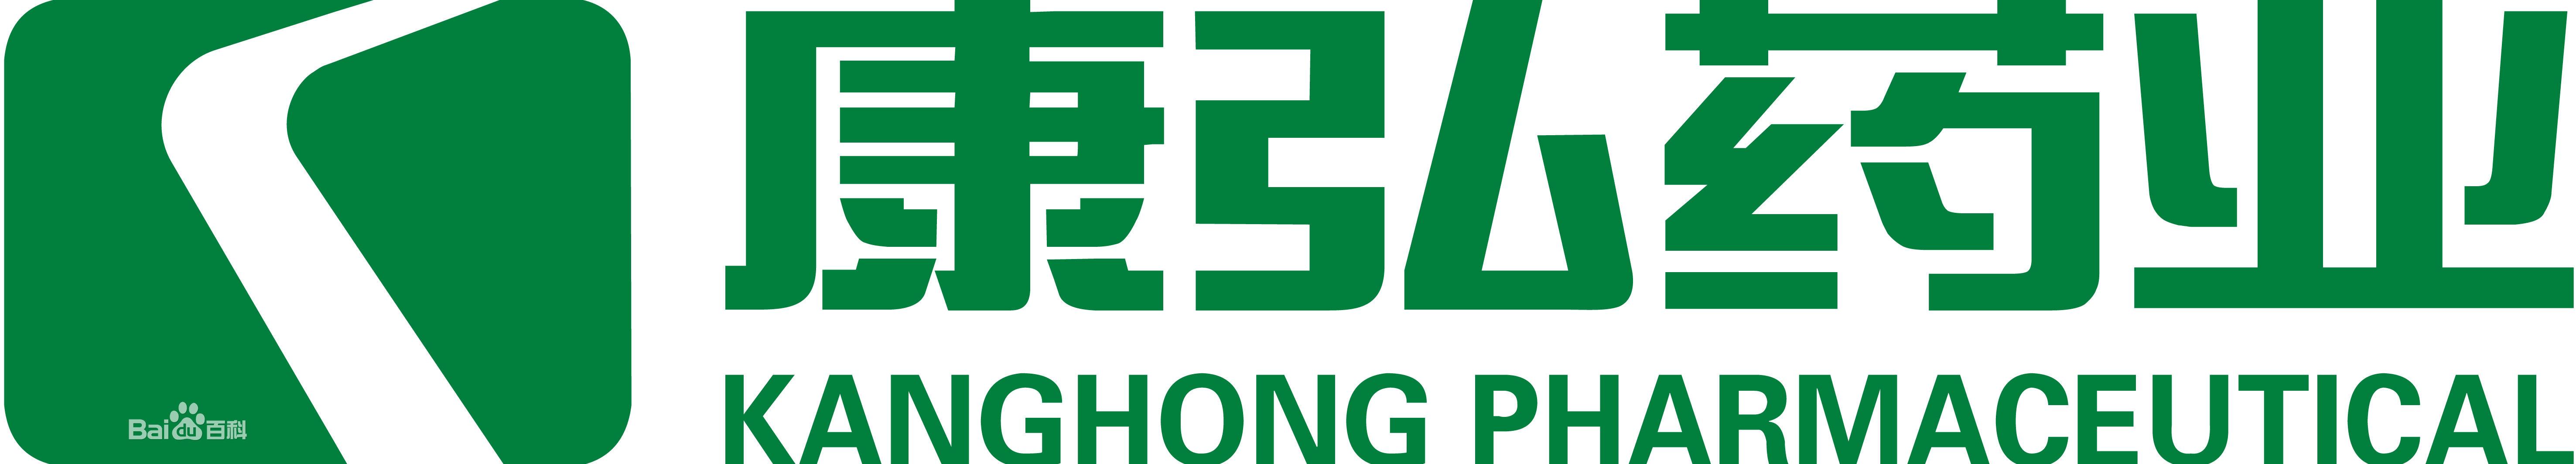 亚博体育app在线下载-成都康弘药业集团股份有限公司